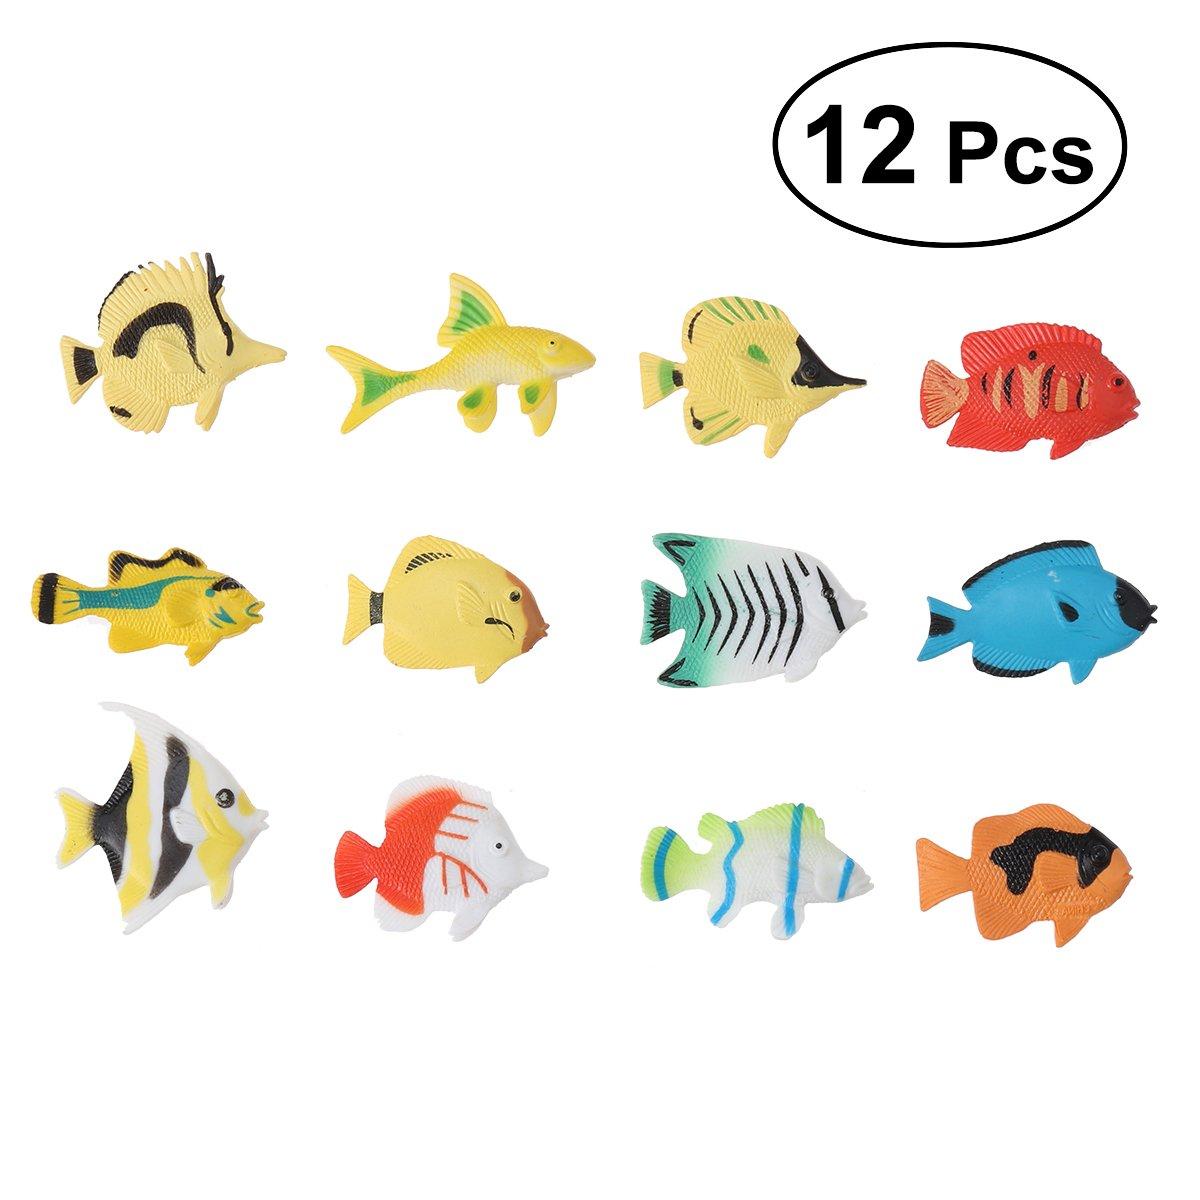 TOYMYTOY 12 stück Meerestiere Spielzeug tropische Fische Figuren Spielzeug Badespielzeug für Kinder (zufällige Muster)